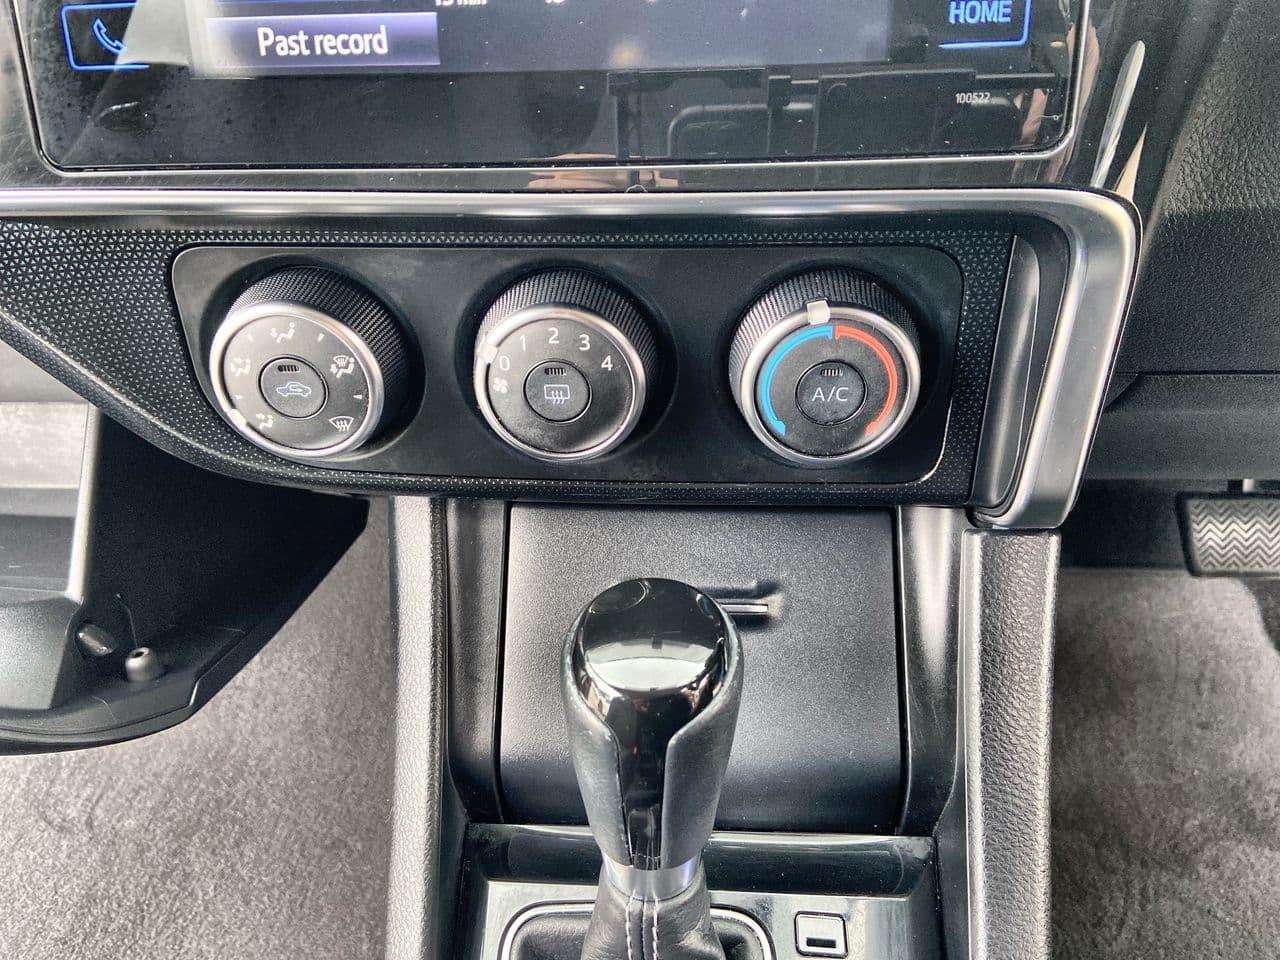 2016 Toyota Corolla Ascent Sport Auto - image 12